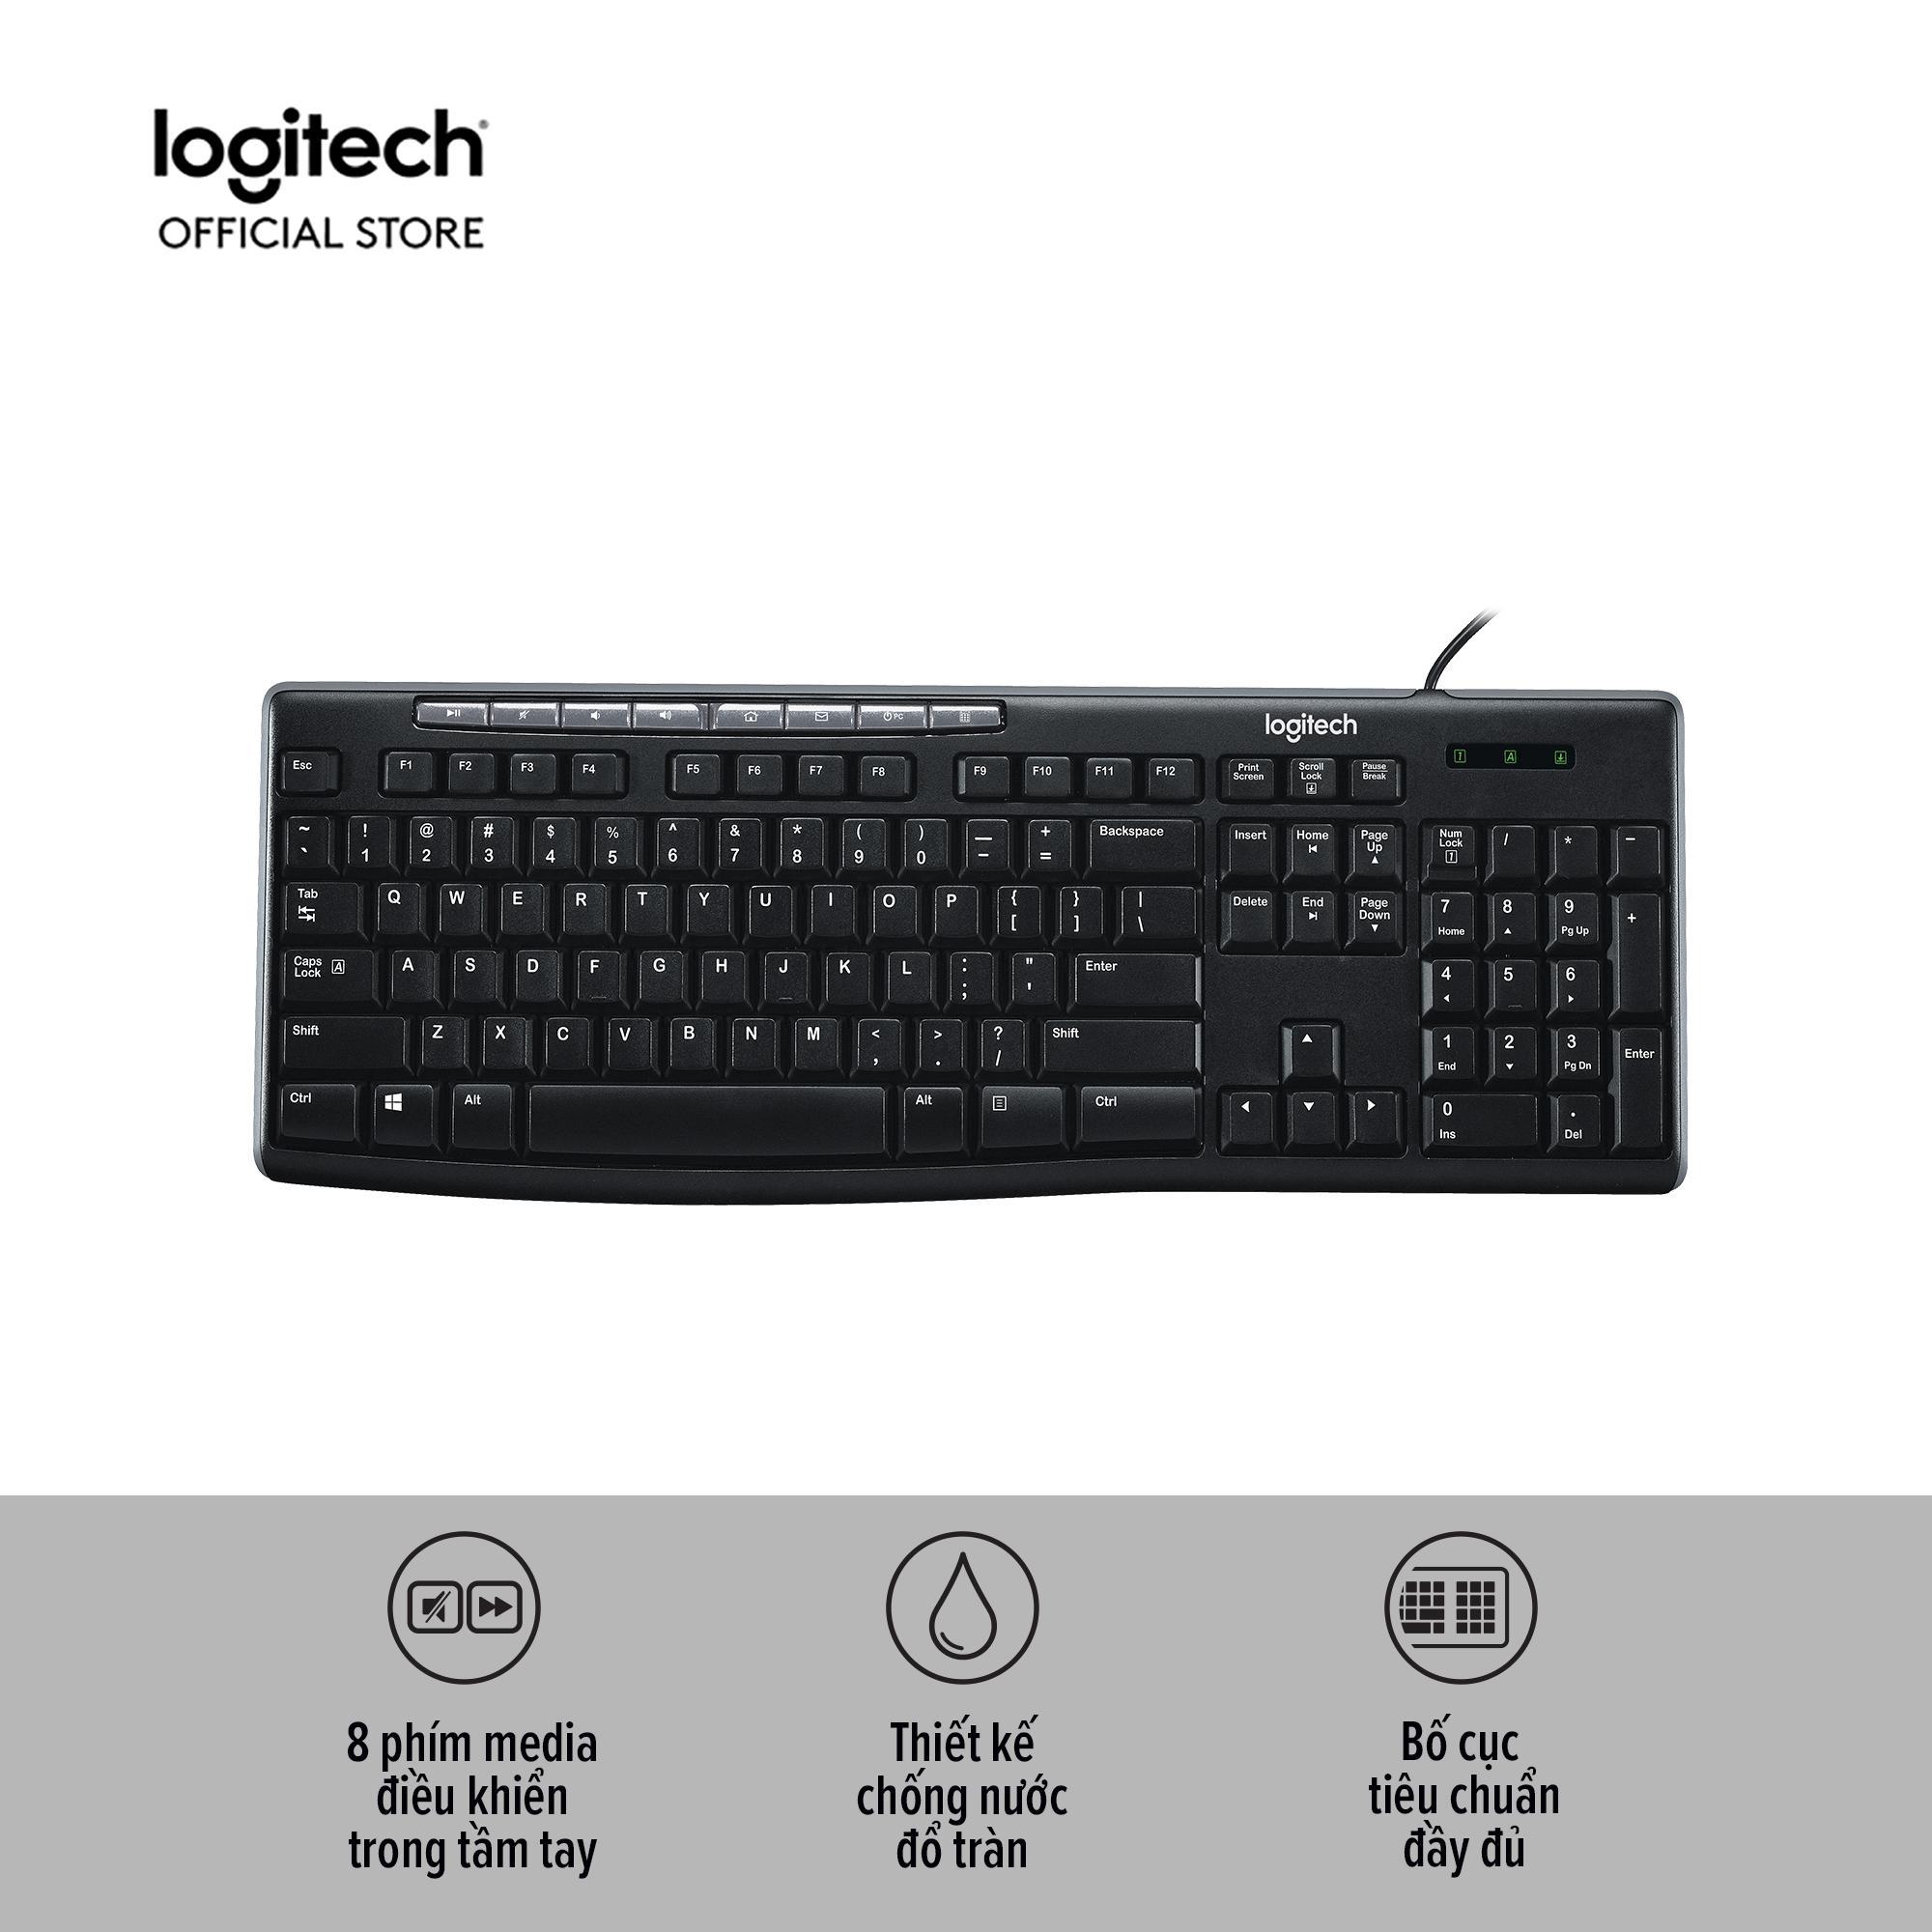 Bàn phím có dây Logitech K200 (Đen) với 8 phím media tiện dụng, Chống nước đổ tràn, Full size - Bảo hành 3 năm